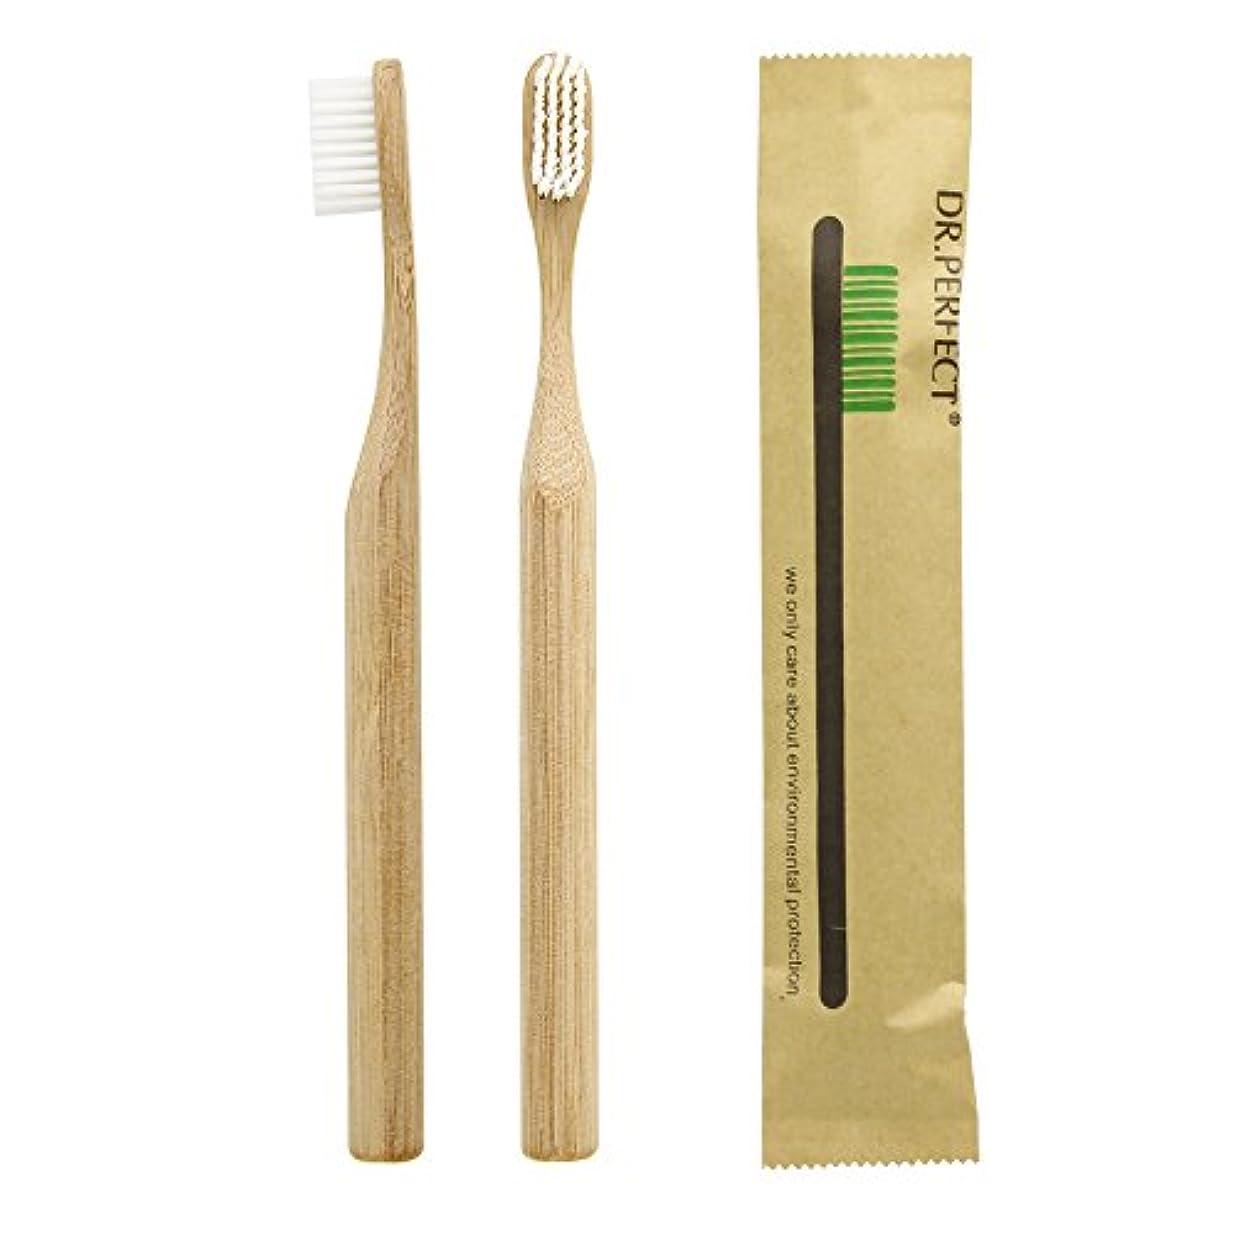 村一瞬月曜Dr.Perfect Bamboo Toothbrush アダルト竹の歯ブラシ ナイロン毛 環境にやさしい製品 (ホワイト)